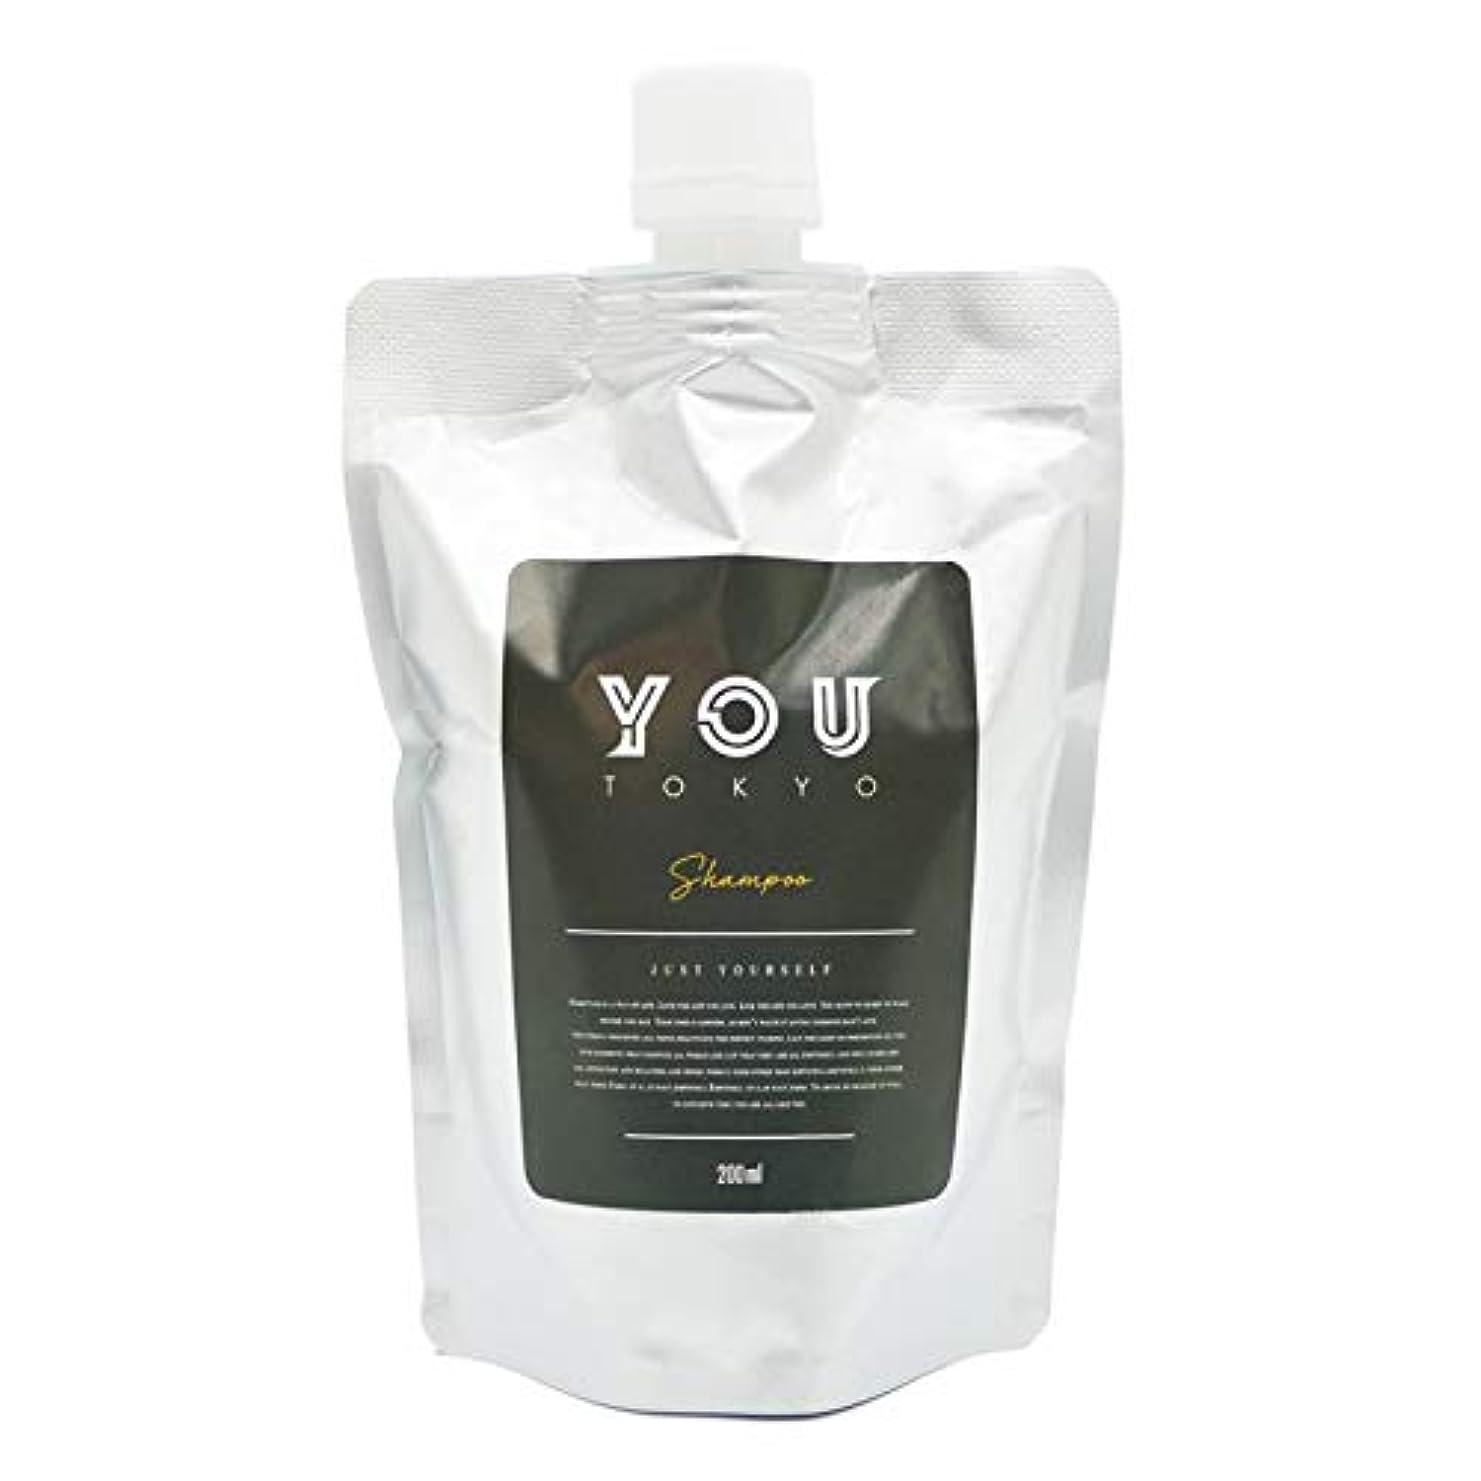 液化するモニカ改革チリ毛 メンズ シャンプー トリートメント アミノ酸 洗浄 肌に潤い 保湿 YOU TOKYO(ユートーキョー)ボトル 500ml 詰め替え 1000ml (シャンプー パウチ 200ml)